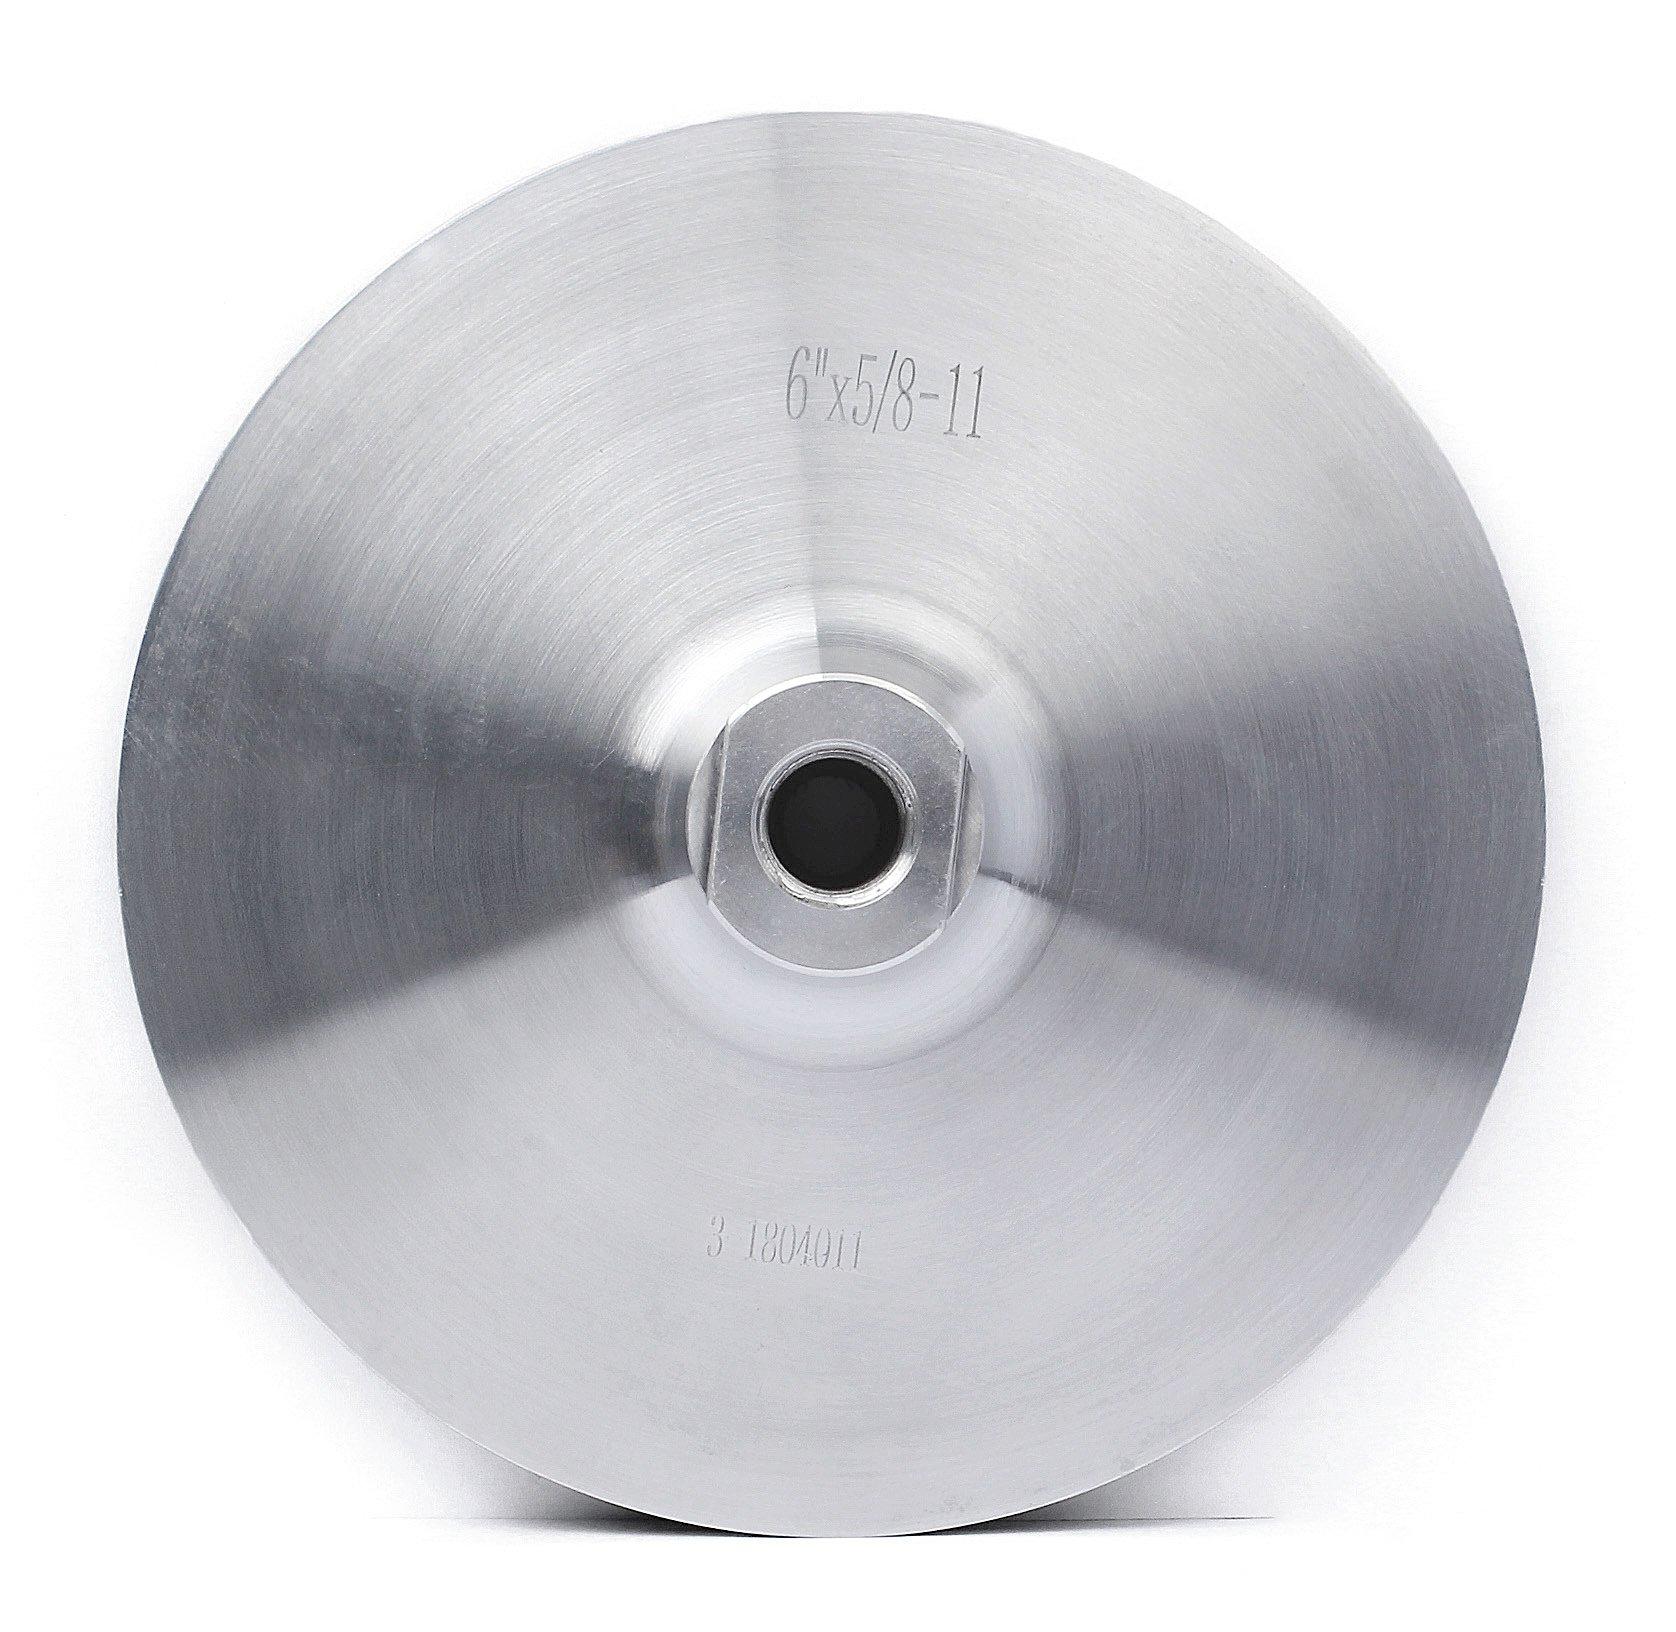 Aluminum Backer Pad 6 Inch Hook and Loop Back Holder for Grinder Sander Polishing Pads Stone Arbor 5/8'' 11